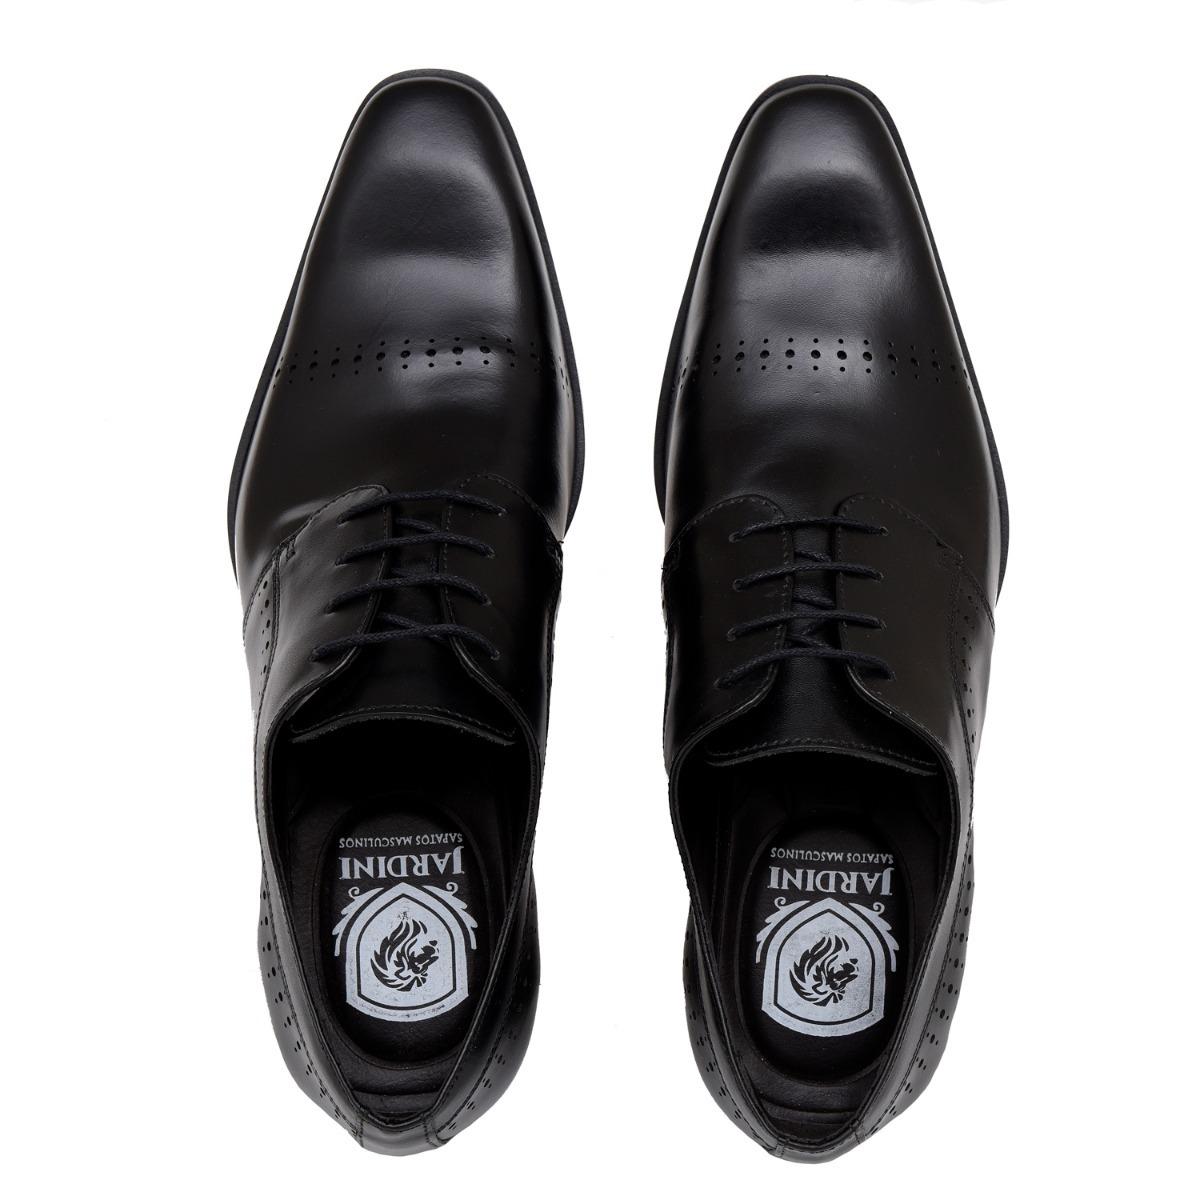 b264a8032b jardini sapatos sociais masculino mod 58626. Carregando zoom.